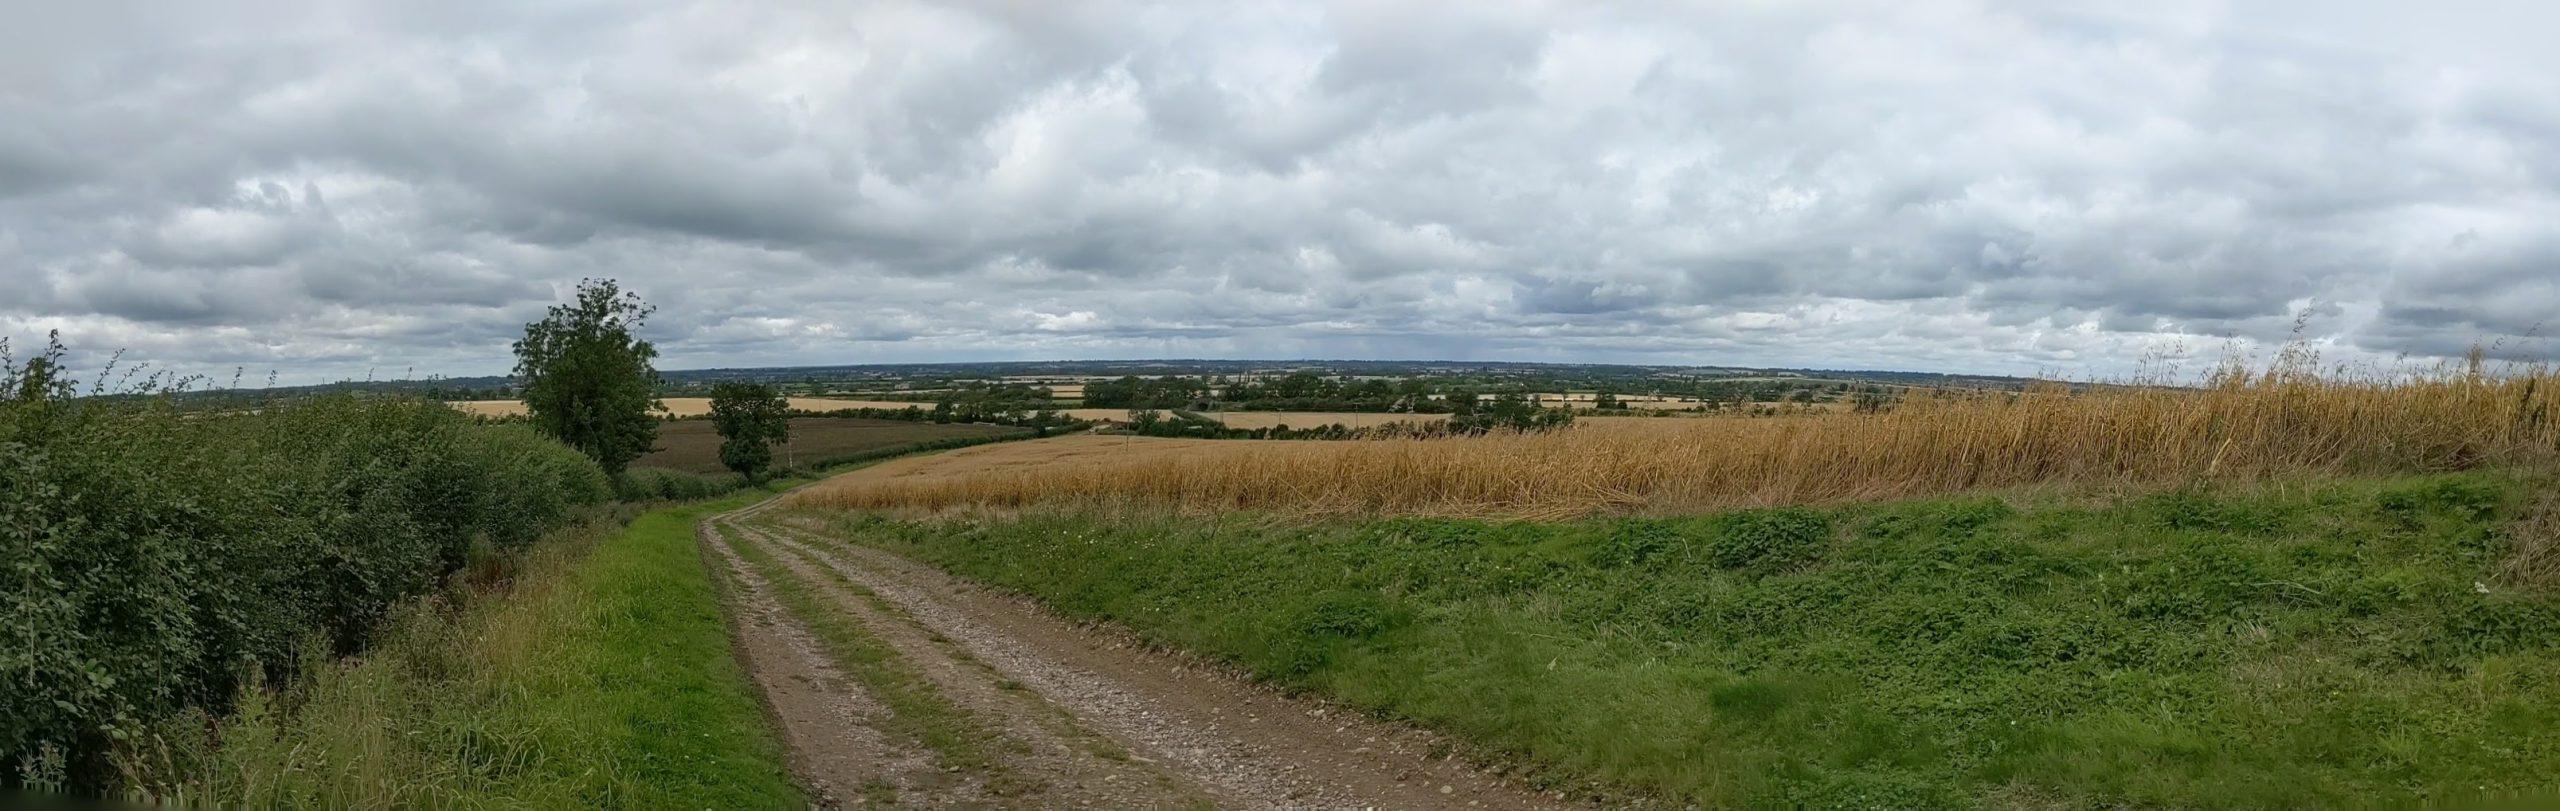 Mooring in Flecknoe